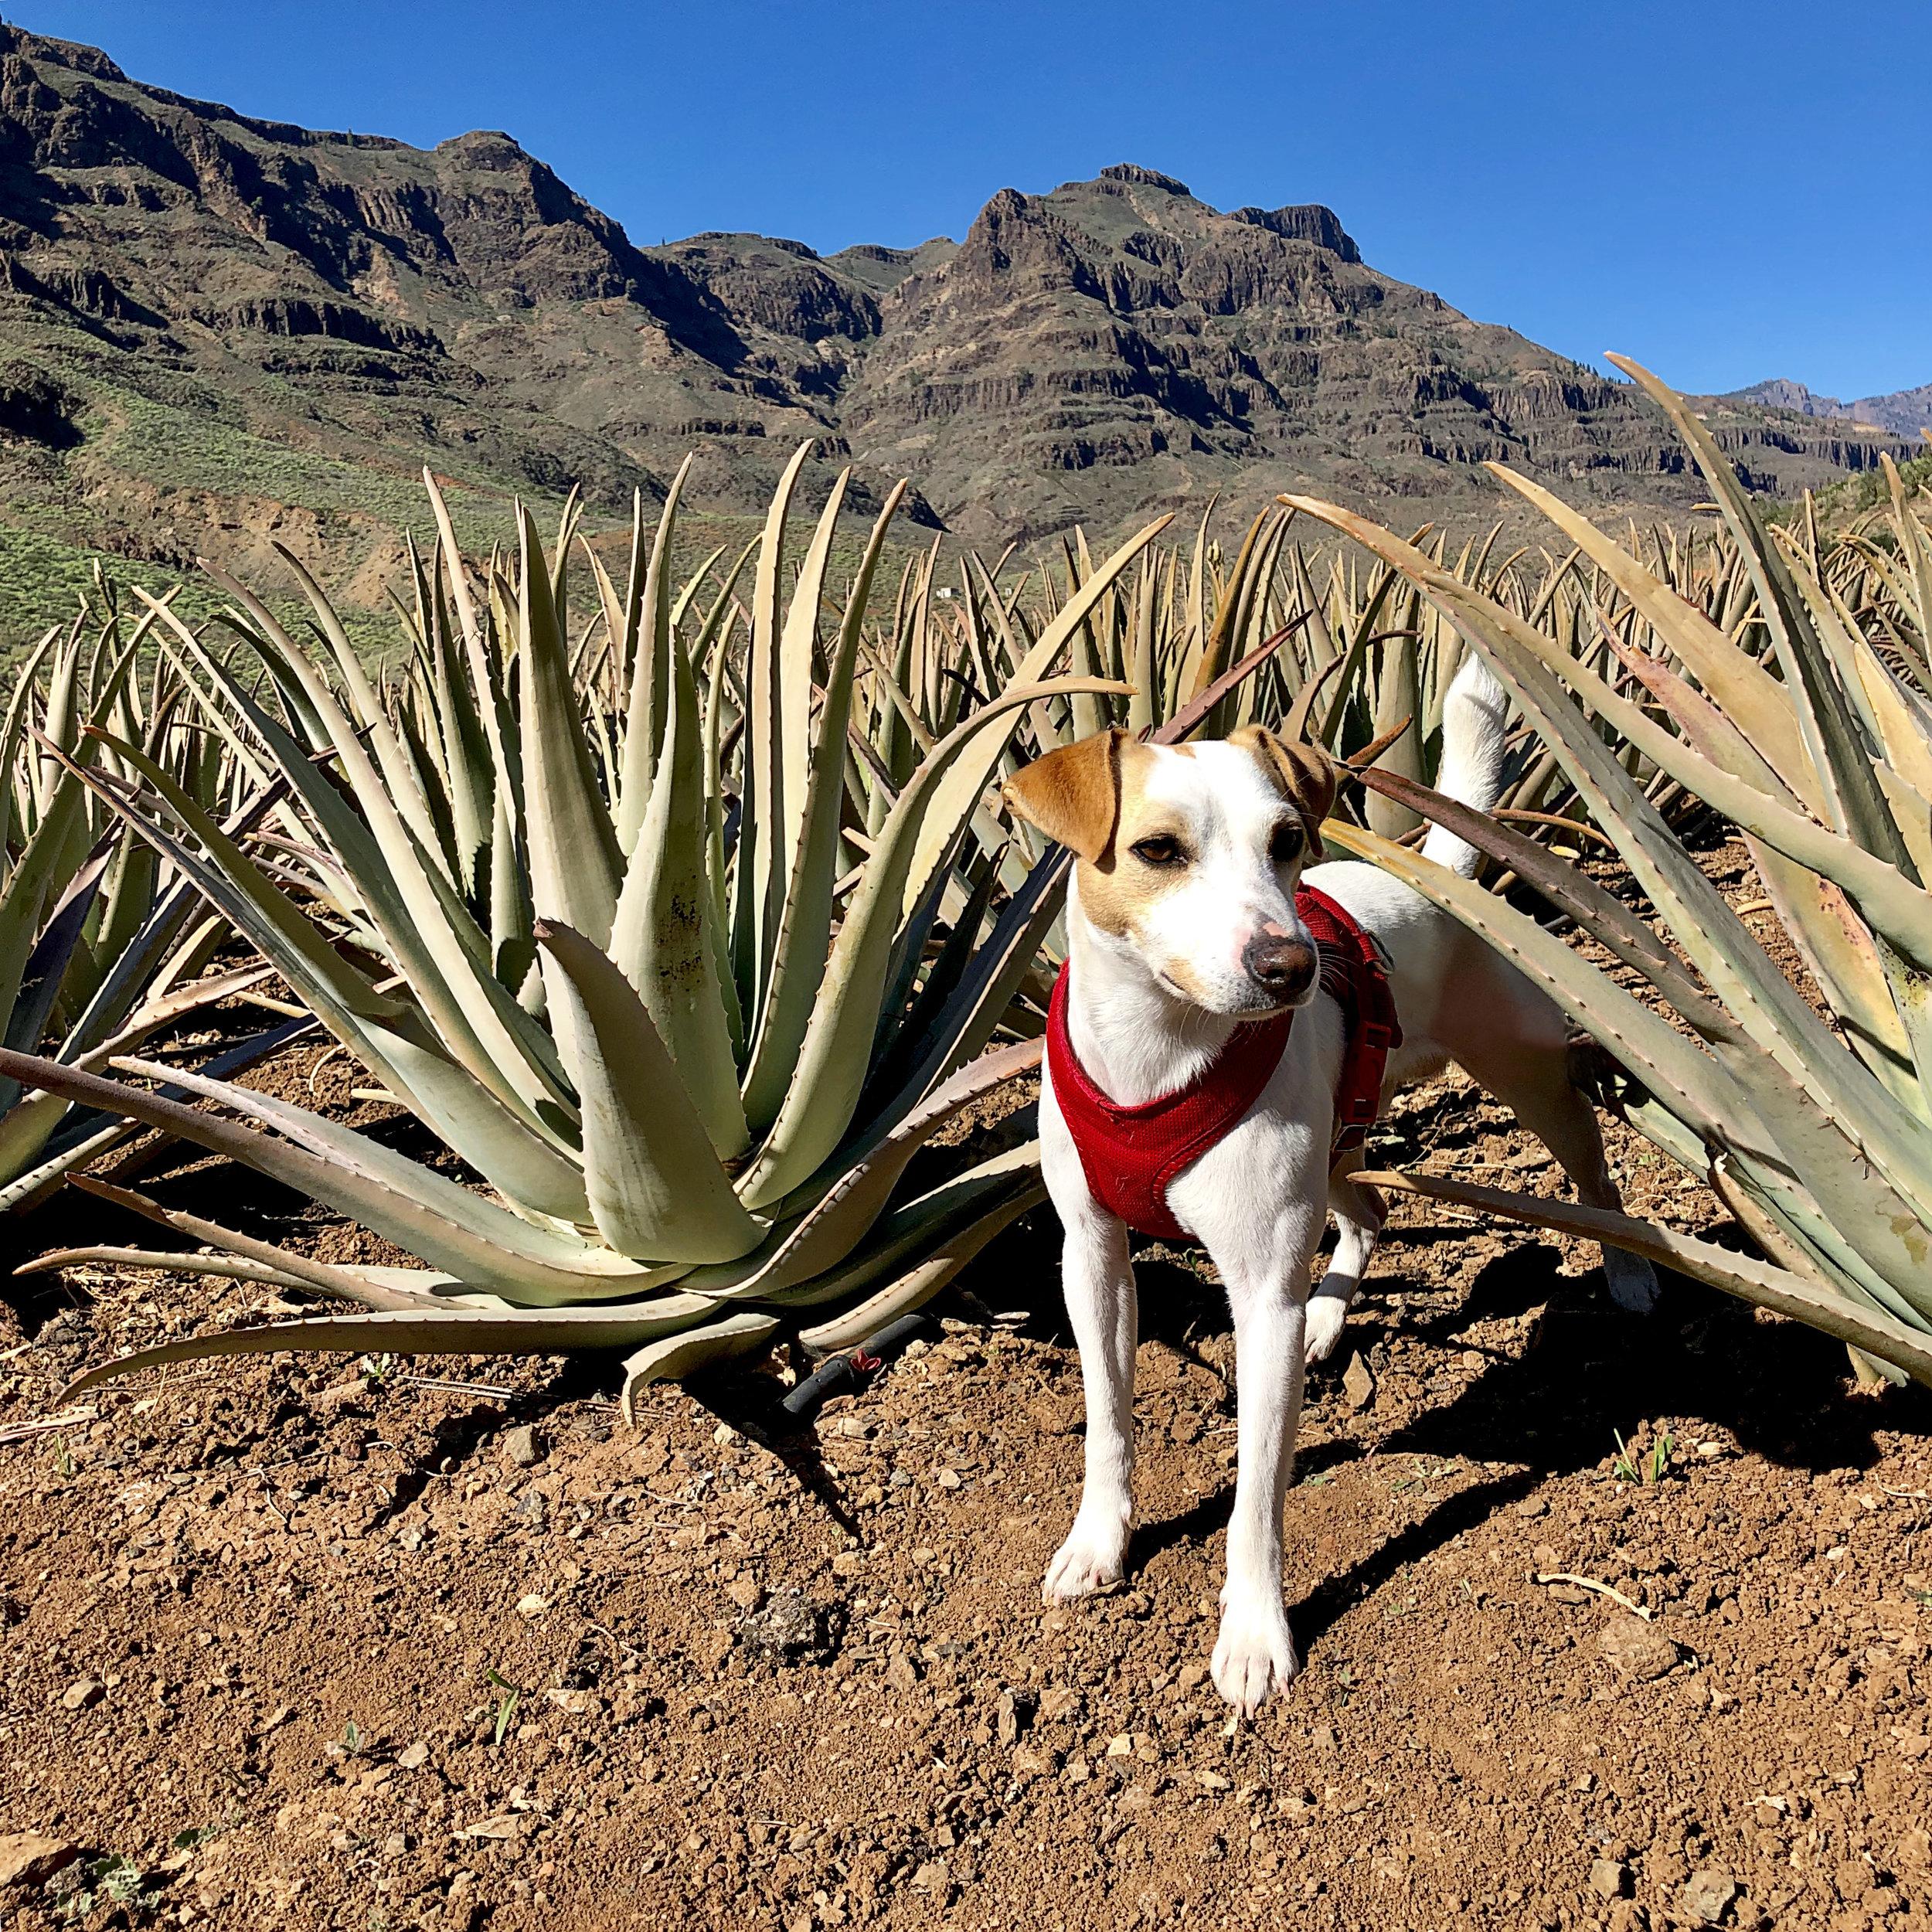 Pipper in the aloe vera fields of Gran Canaria.